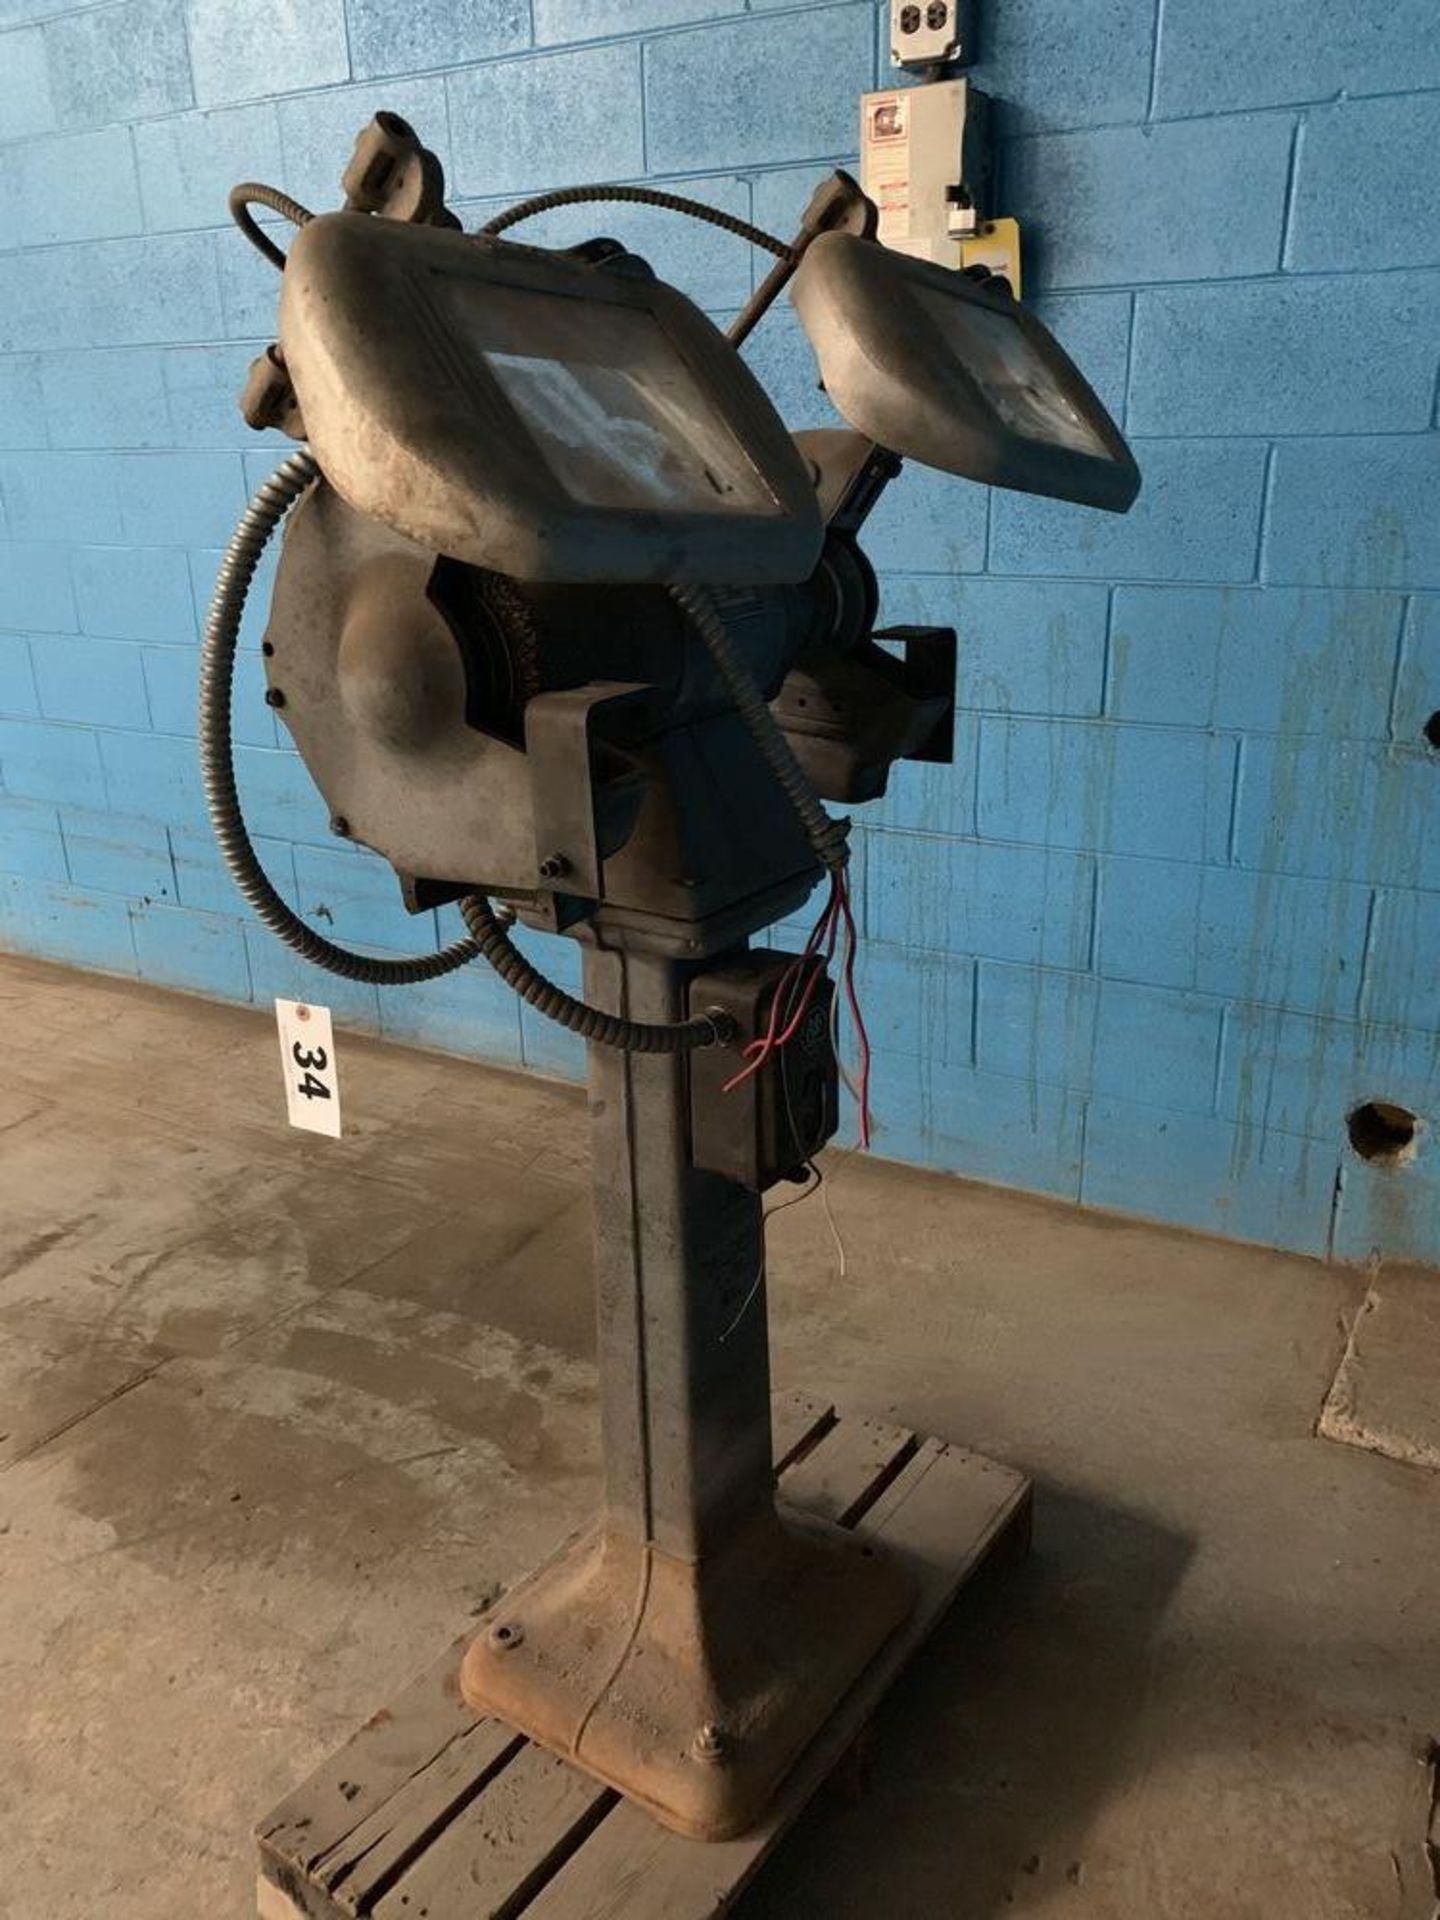 Lot 34 - Pedestal Grinder